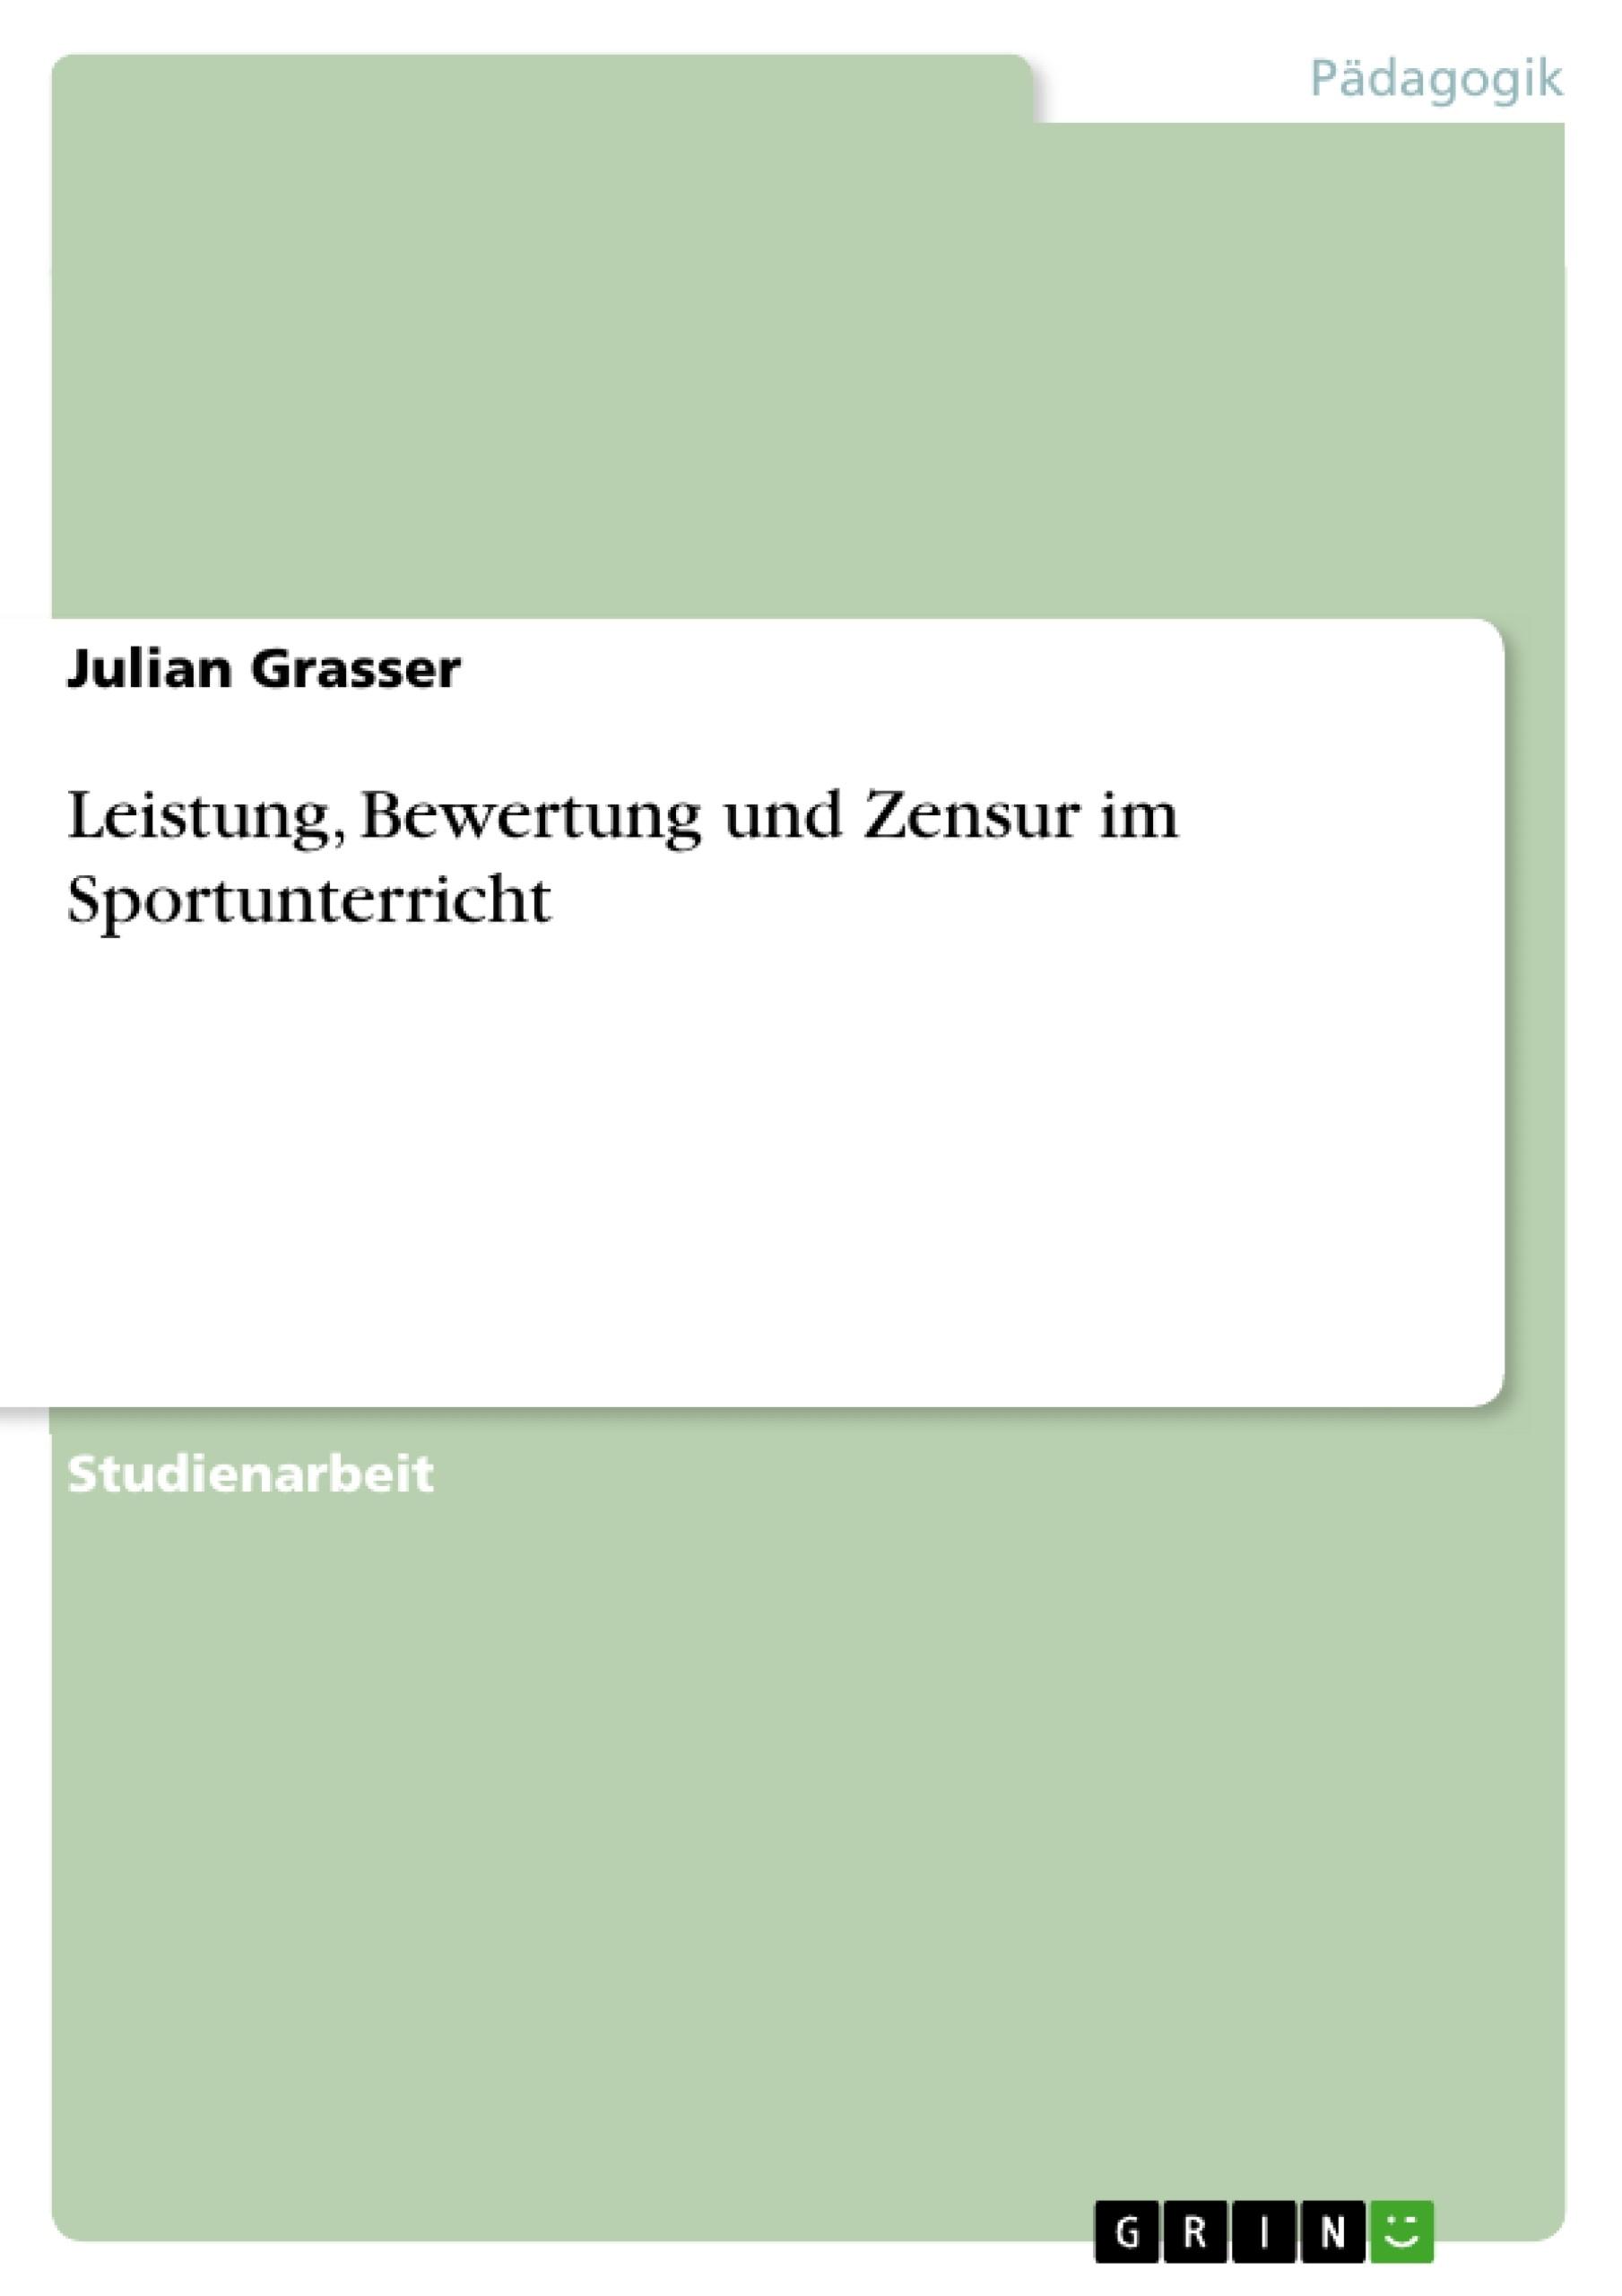 Titel: Leistung, Bewertung und Zensur im Sportunterricht